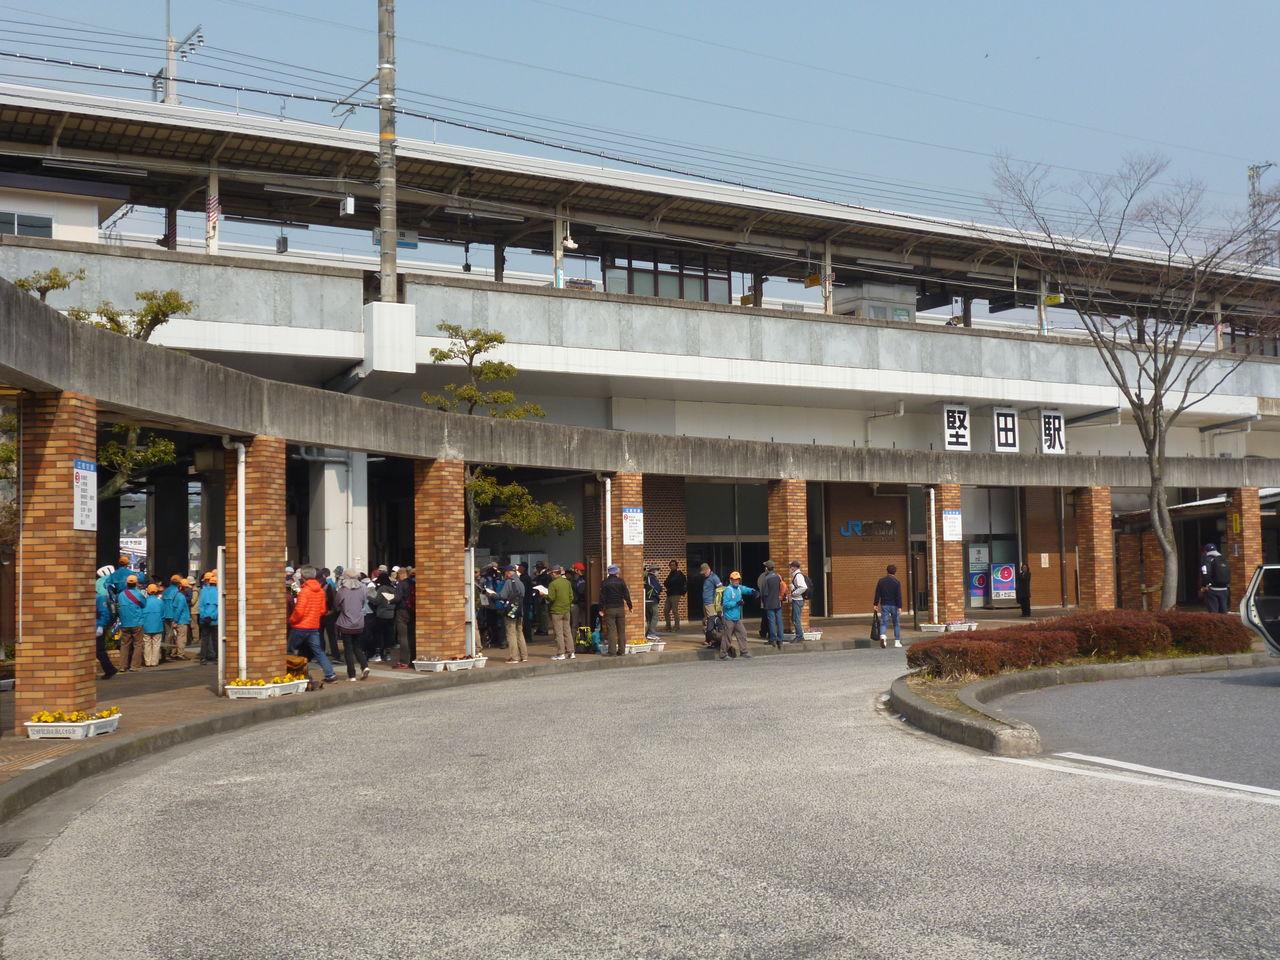 491号系統 堅田駅 ゆき : こうすけの 路線バスの旅